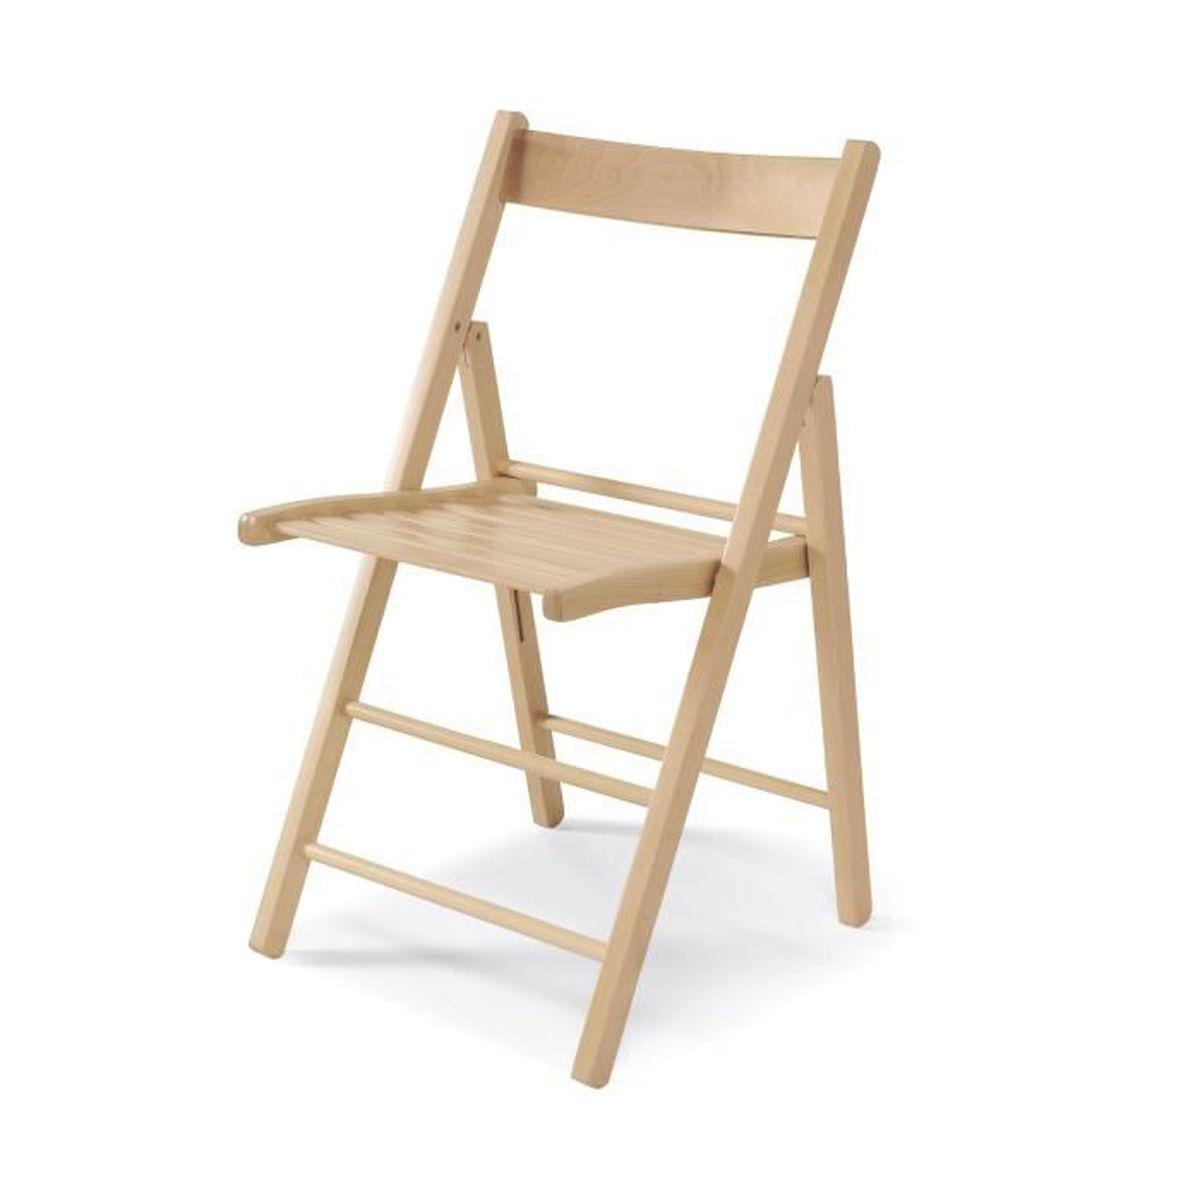 chaise pliante bois achat vente chaise pliante bois pas cher cdiscount. Black Bedroom Furniture Sets. Home Design Ideas